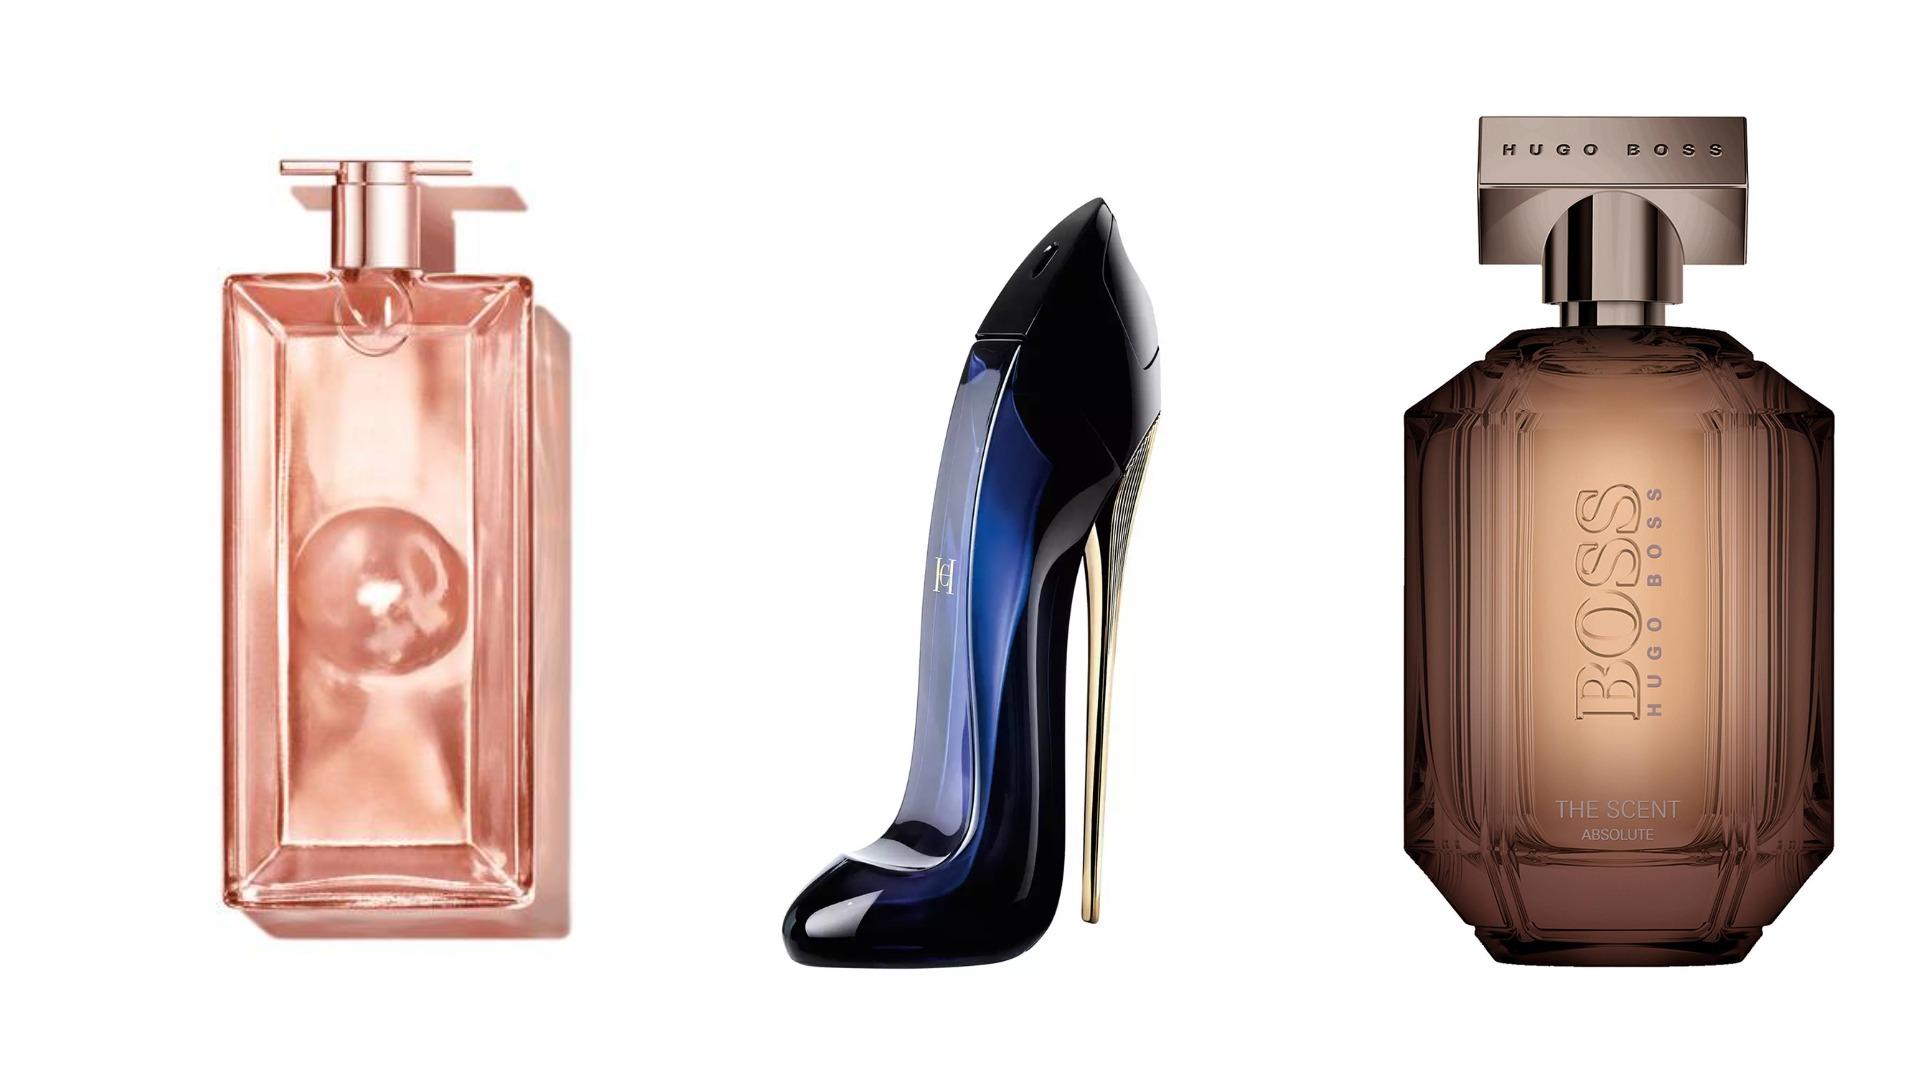 black_friday_mutatom_miket_erdemes_beszerezni_parfumok_blogozine.jpg